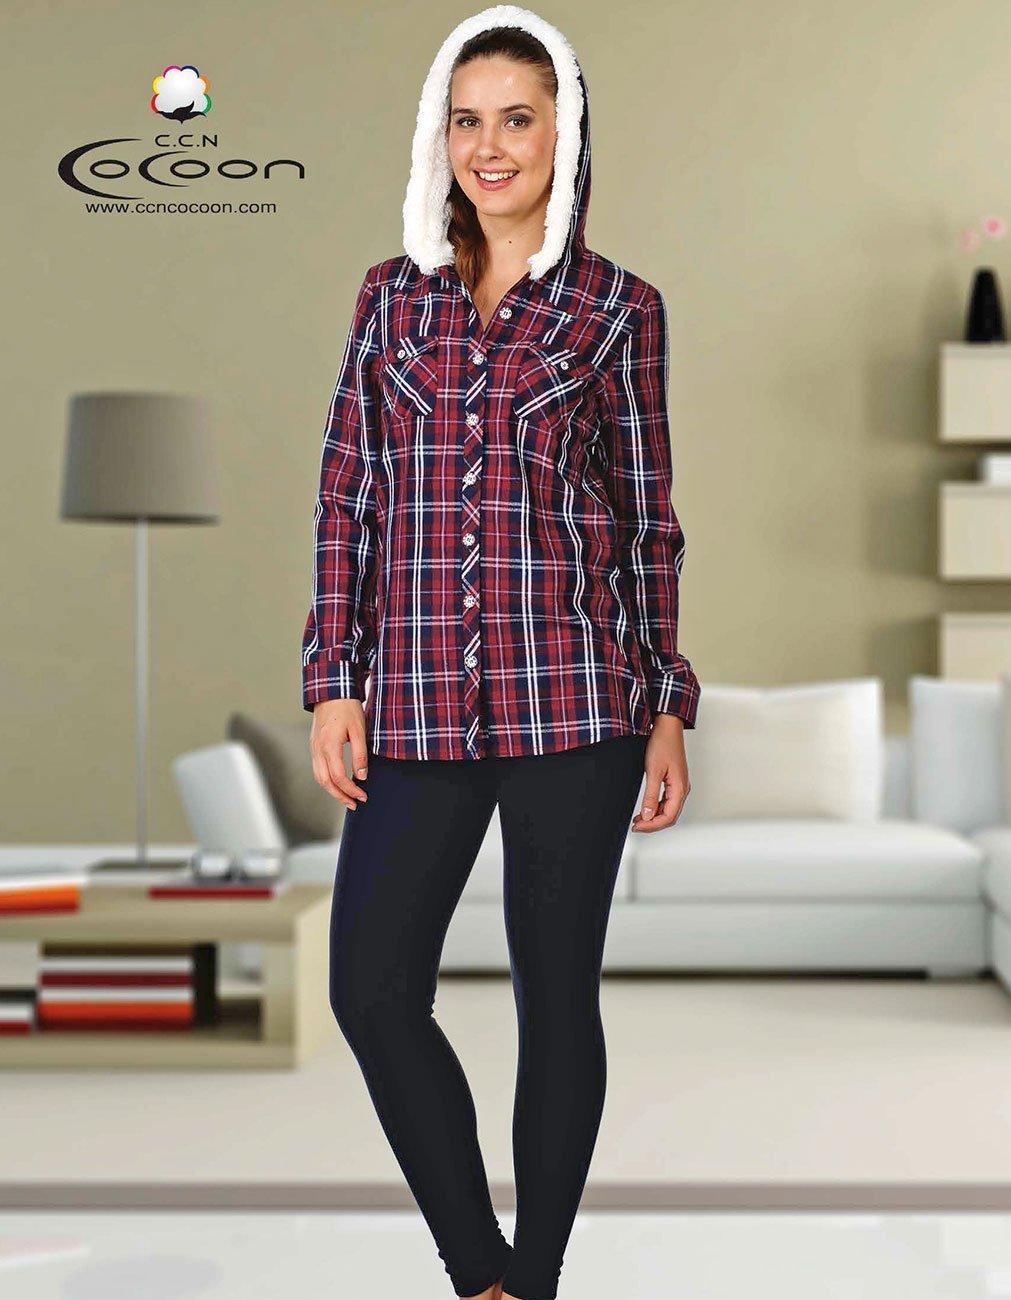 Комплект для отдыха (рубашка+лосины) 96-1047 Cocoon